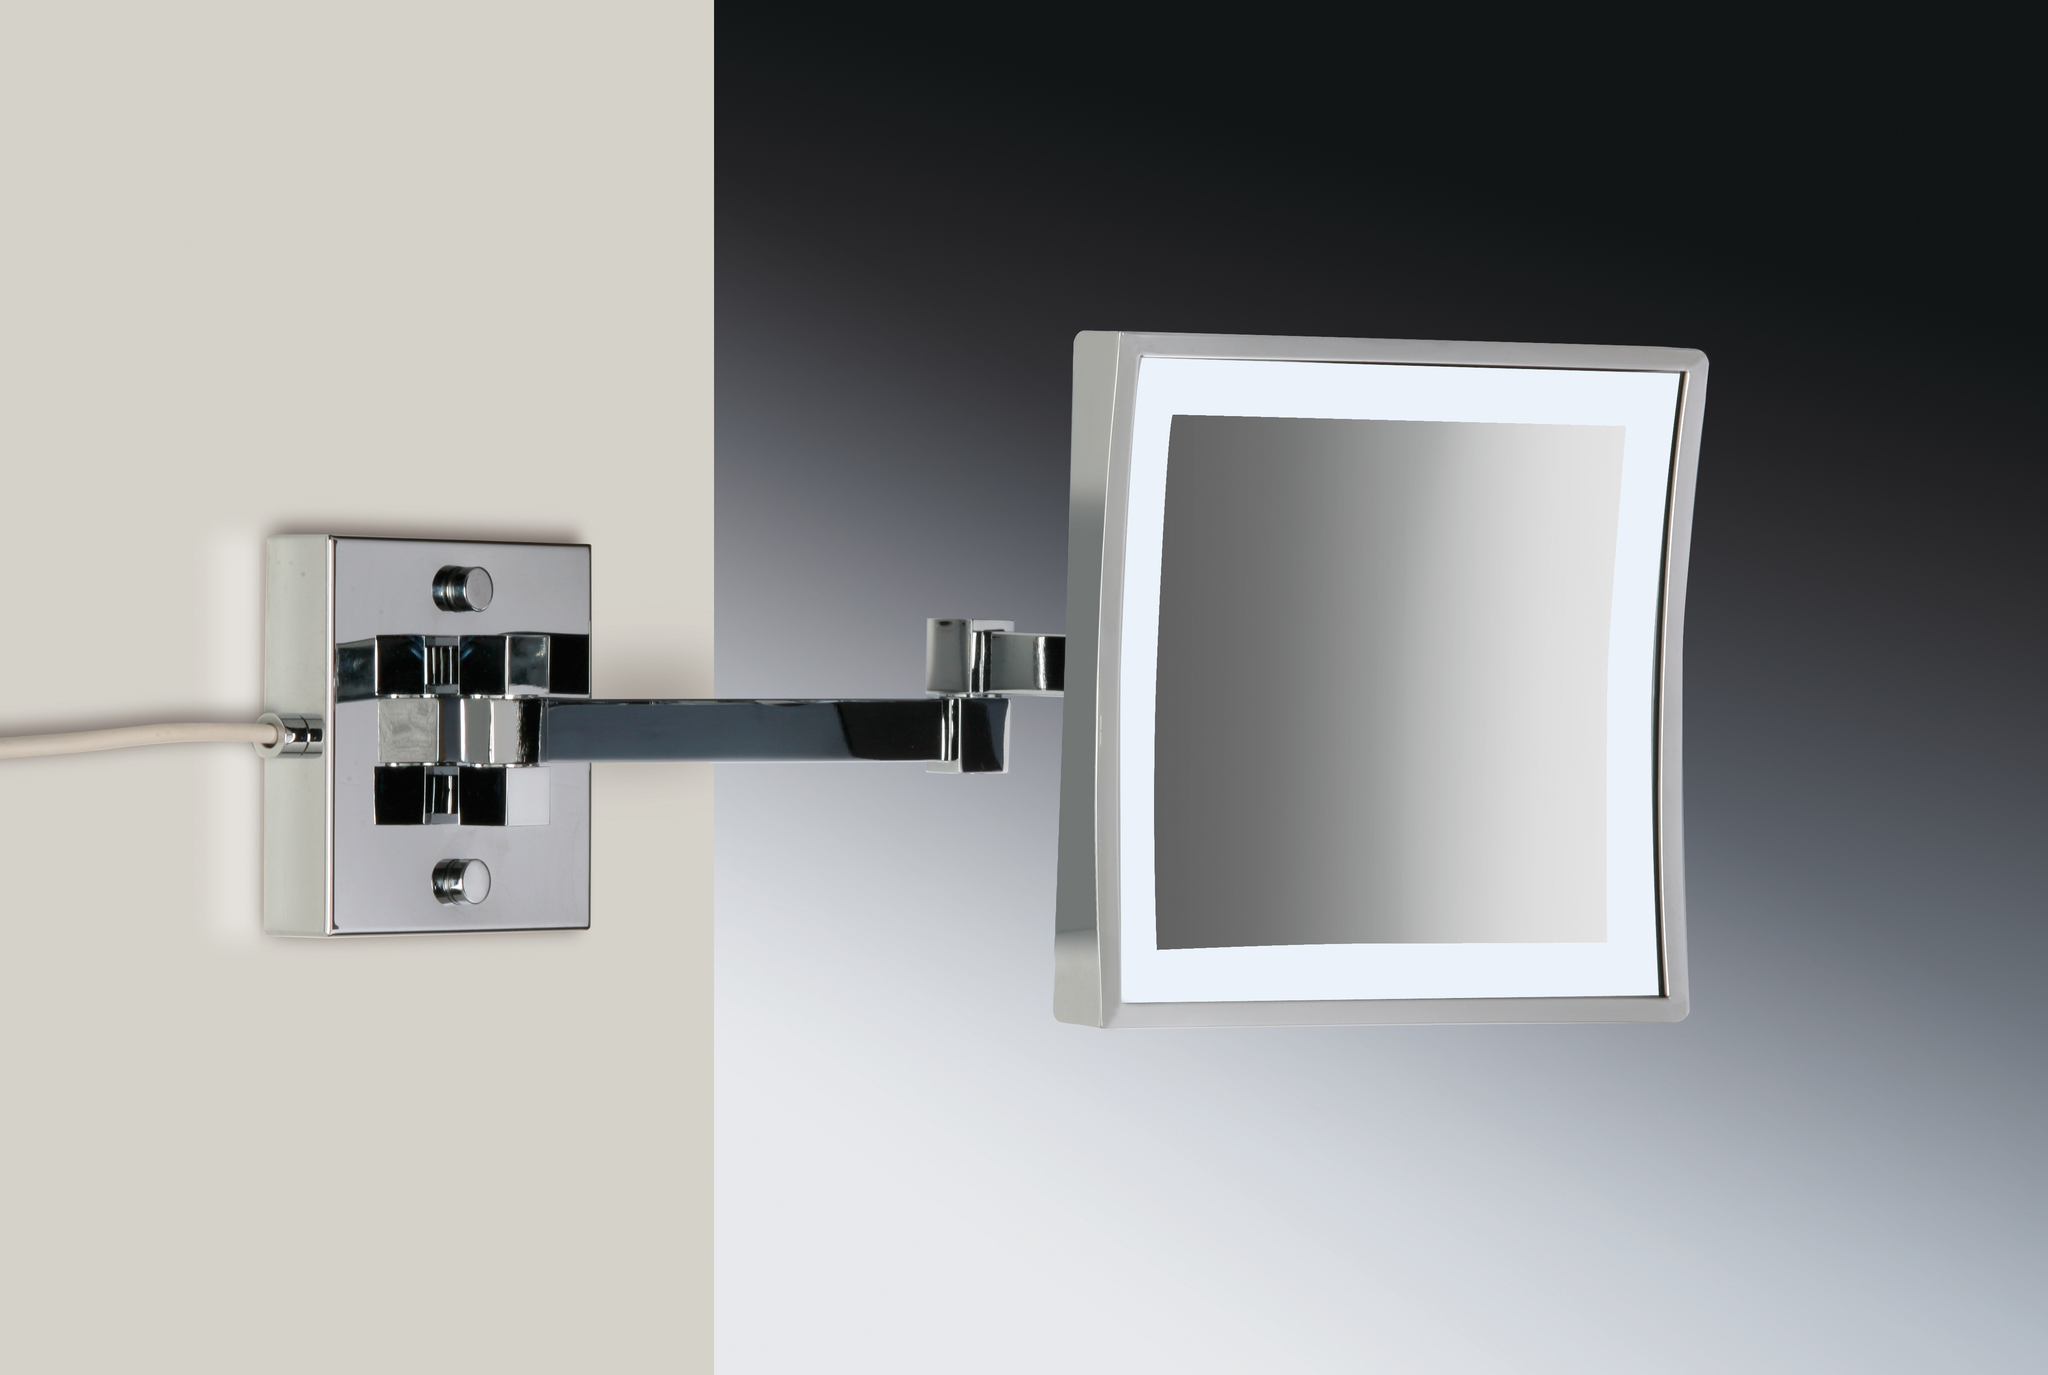 Зеркала Зеркало косметическое Windisch 99667/2CR 3XD elitnoe-zerkalo-kosmeticheskoe-996672-ot-windisch-ispaniya.jpg